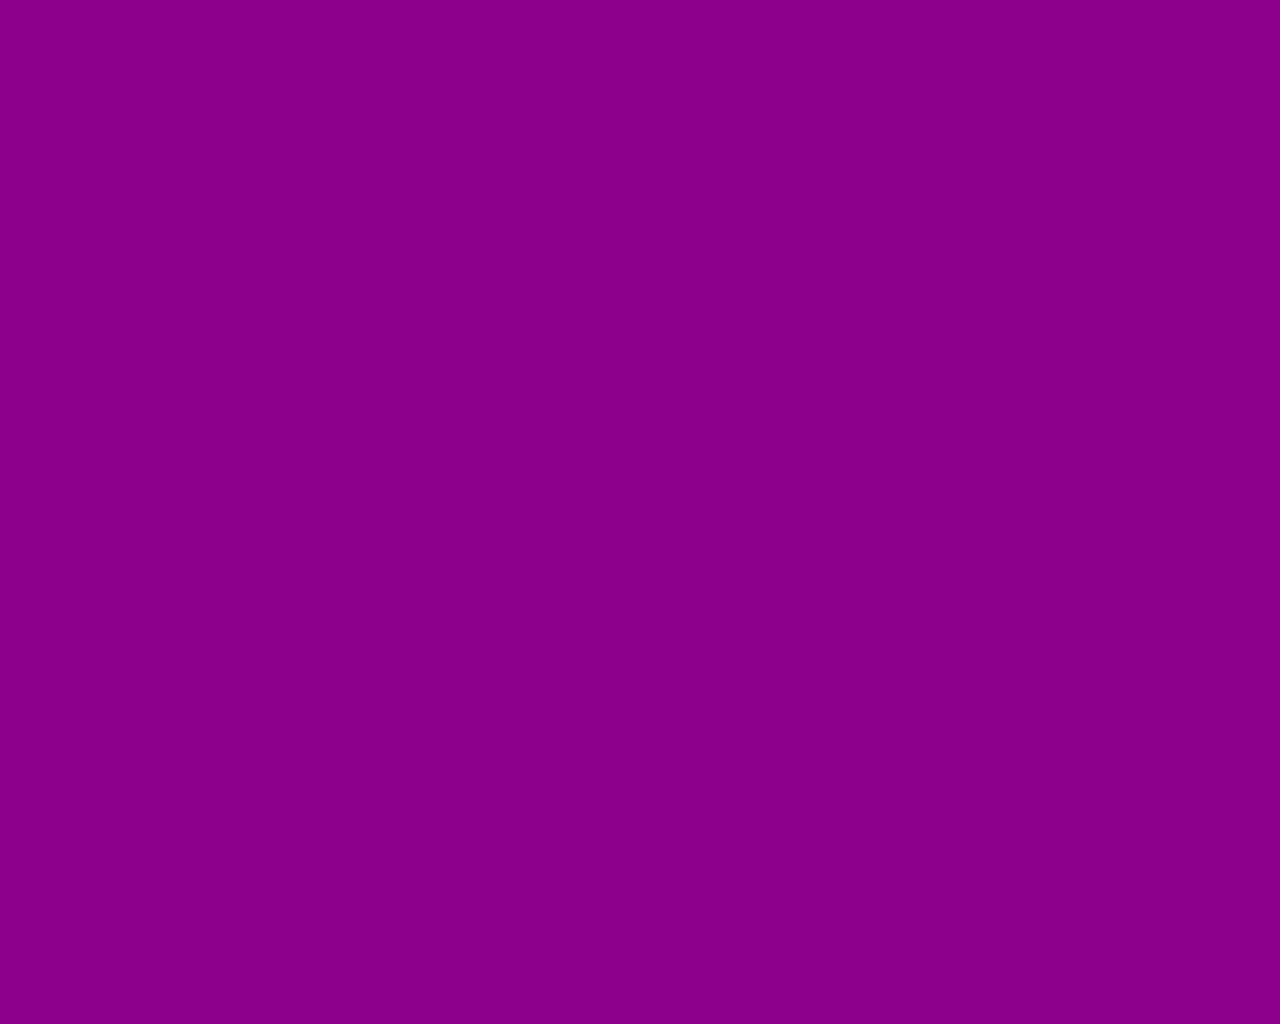 1280x1024 Dark Magenta Solid Color Background